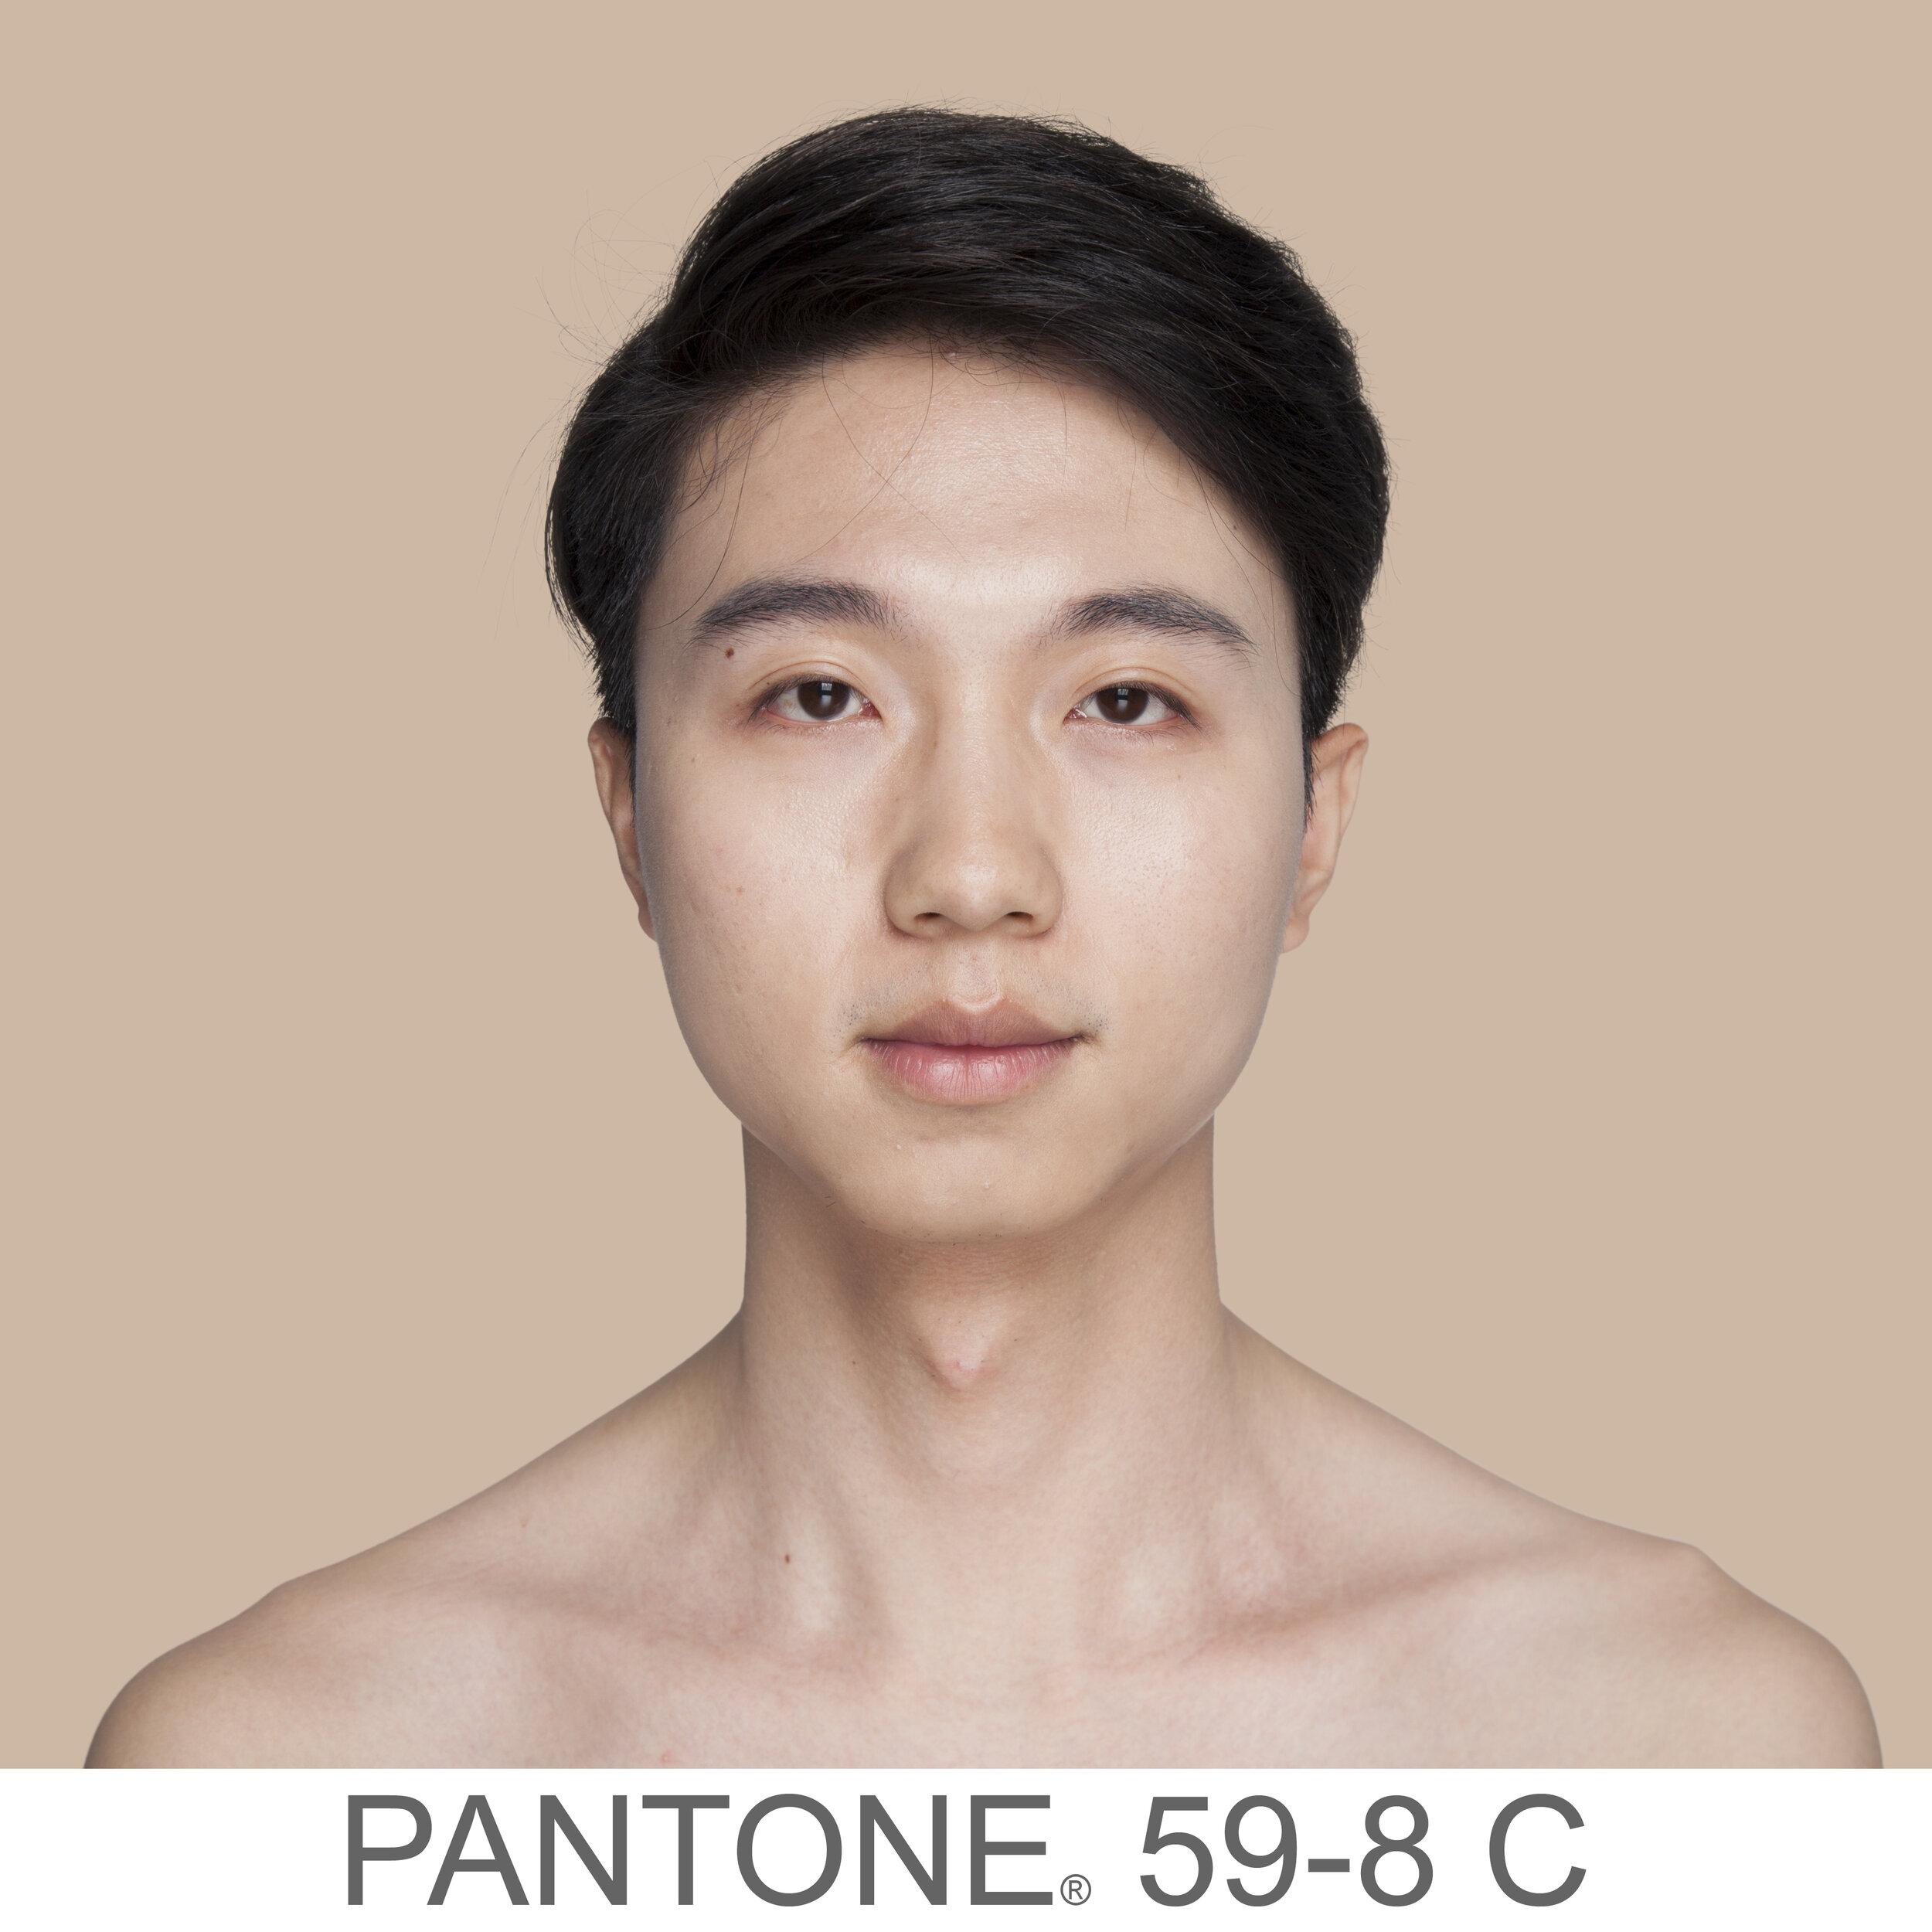 humanae 59-8 C5 CN copia.jpg